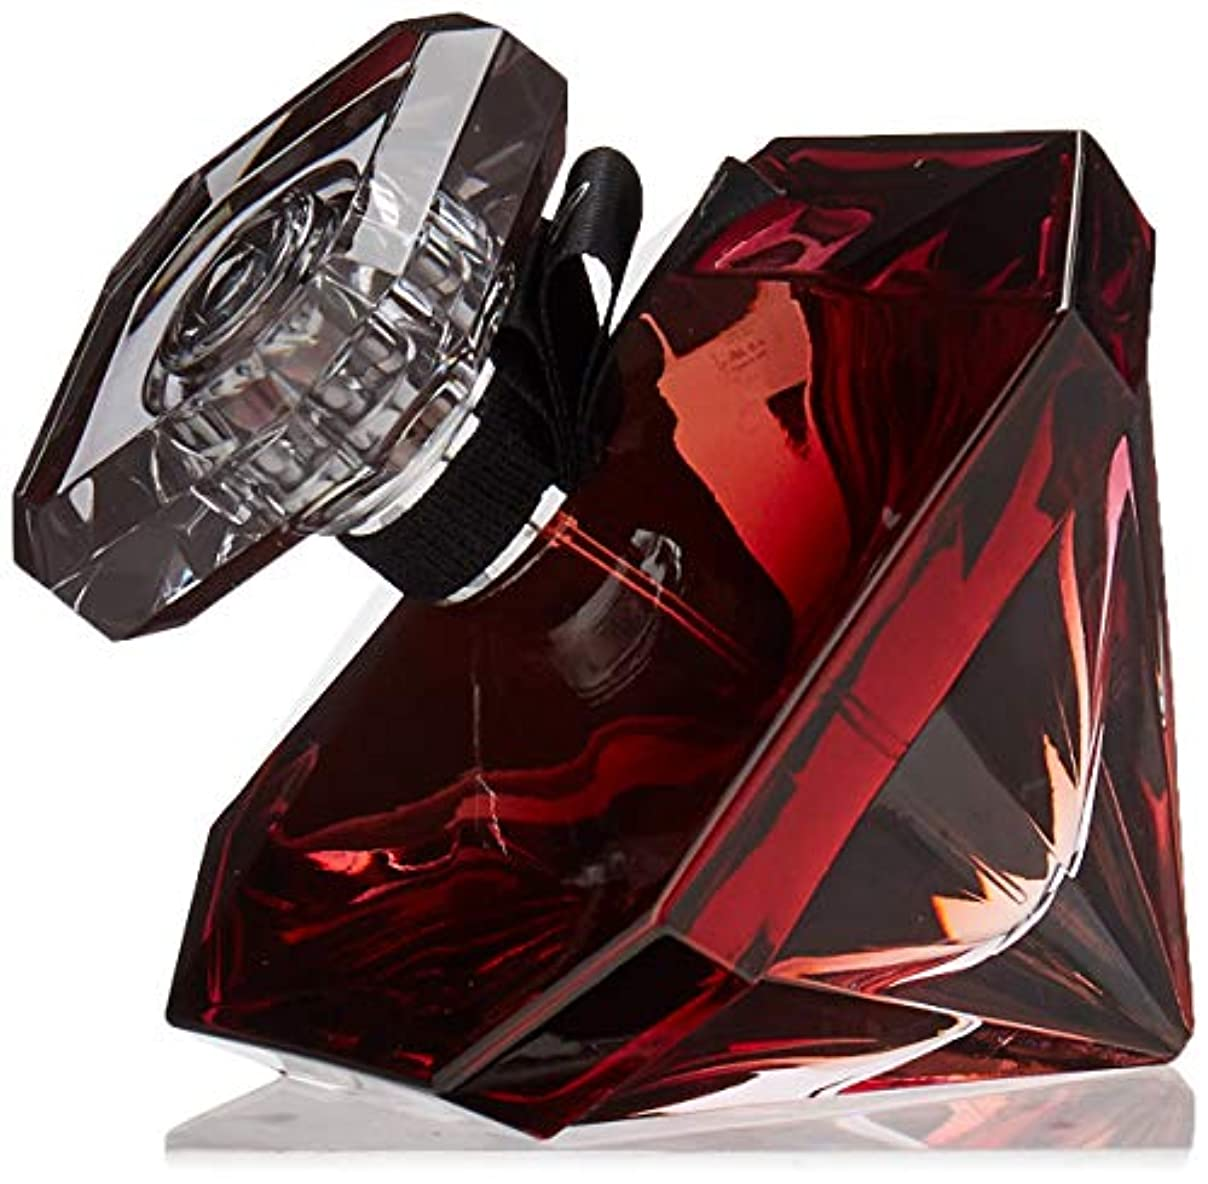 アクセスできない枯渇する楕円形ランコム La Nuit Tresor A La Folie L'Eau De Parfum Spray 75ml/2.5oz並行輸入品